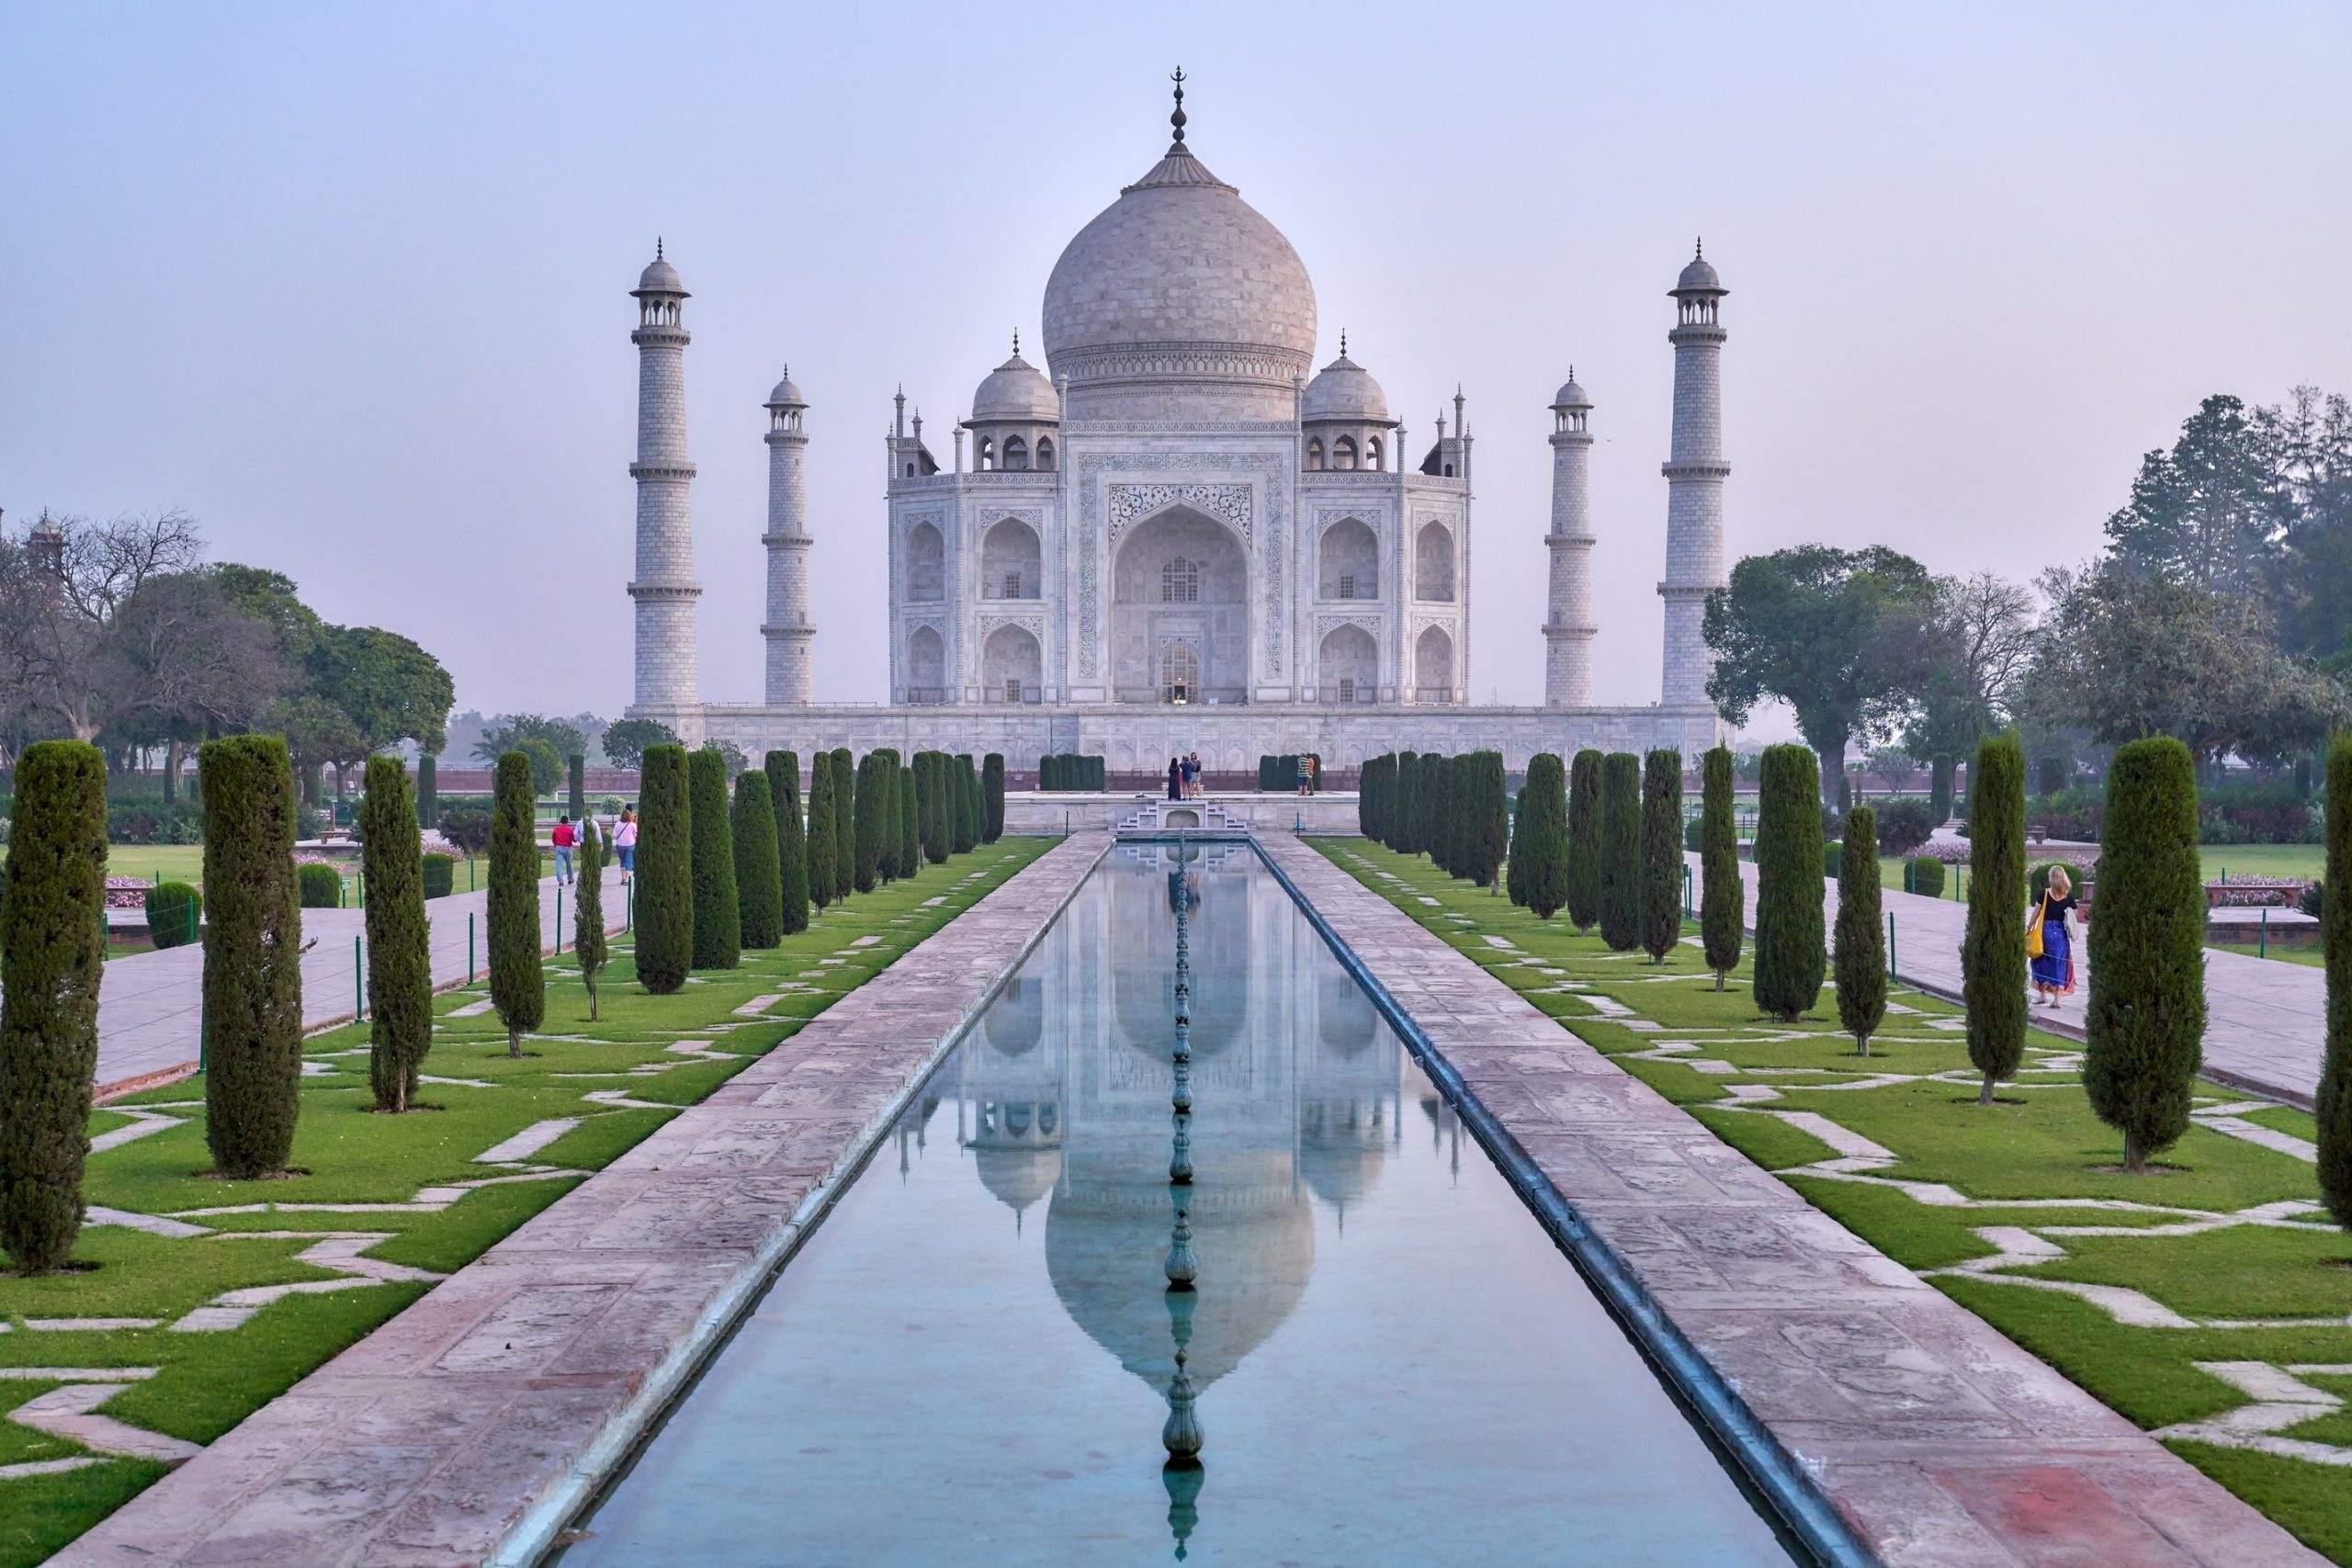 Das Taj Mahal ist eines der Symbole für Indien